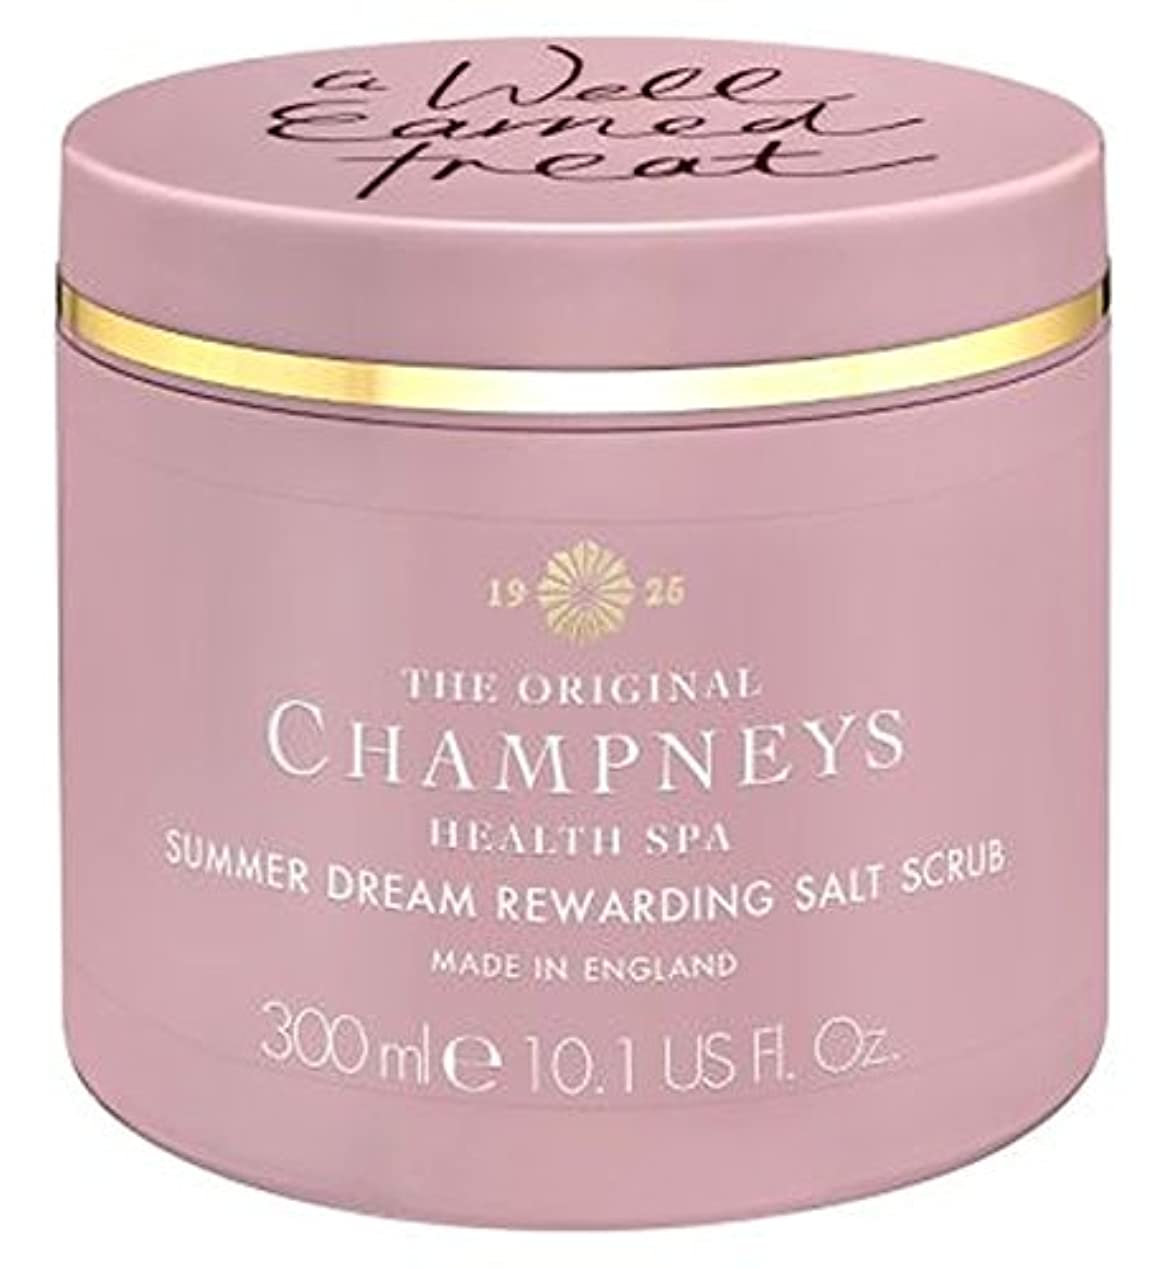 スラックダーツマーベルチャンプニーズの夏の夢やりがいの塩スクラブ300ミリリットル (Champneys) (x2) - Champneys Summer Dream Rewarding Salt Scrub 300ml (Pack of 2...